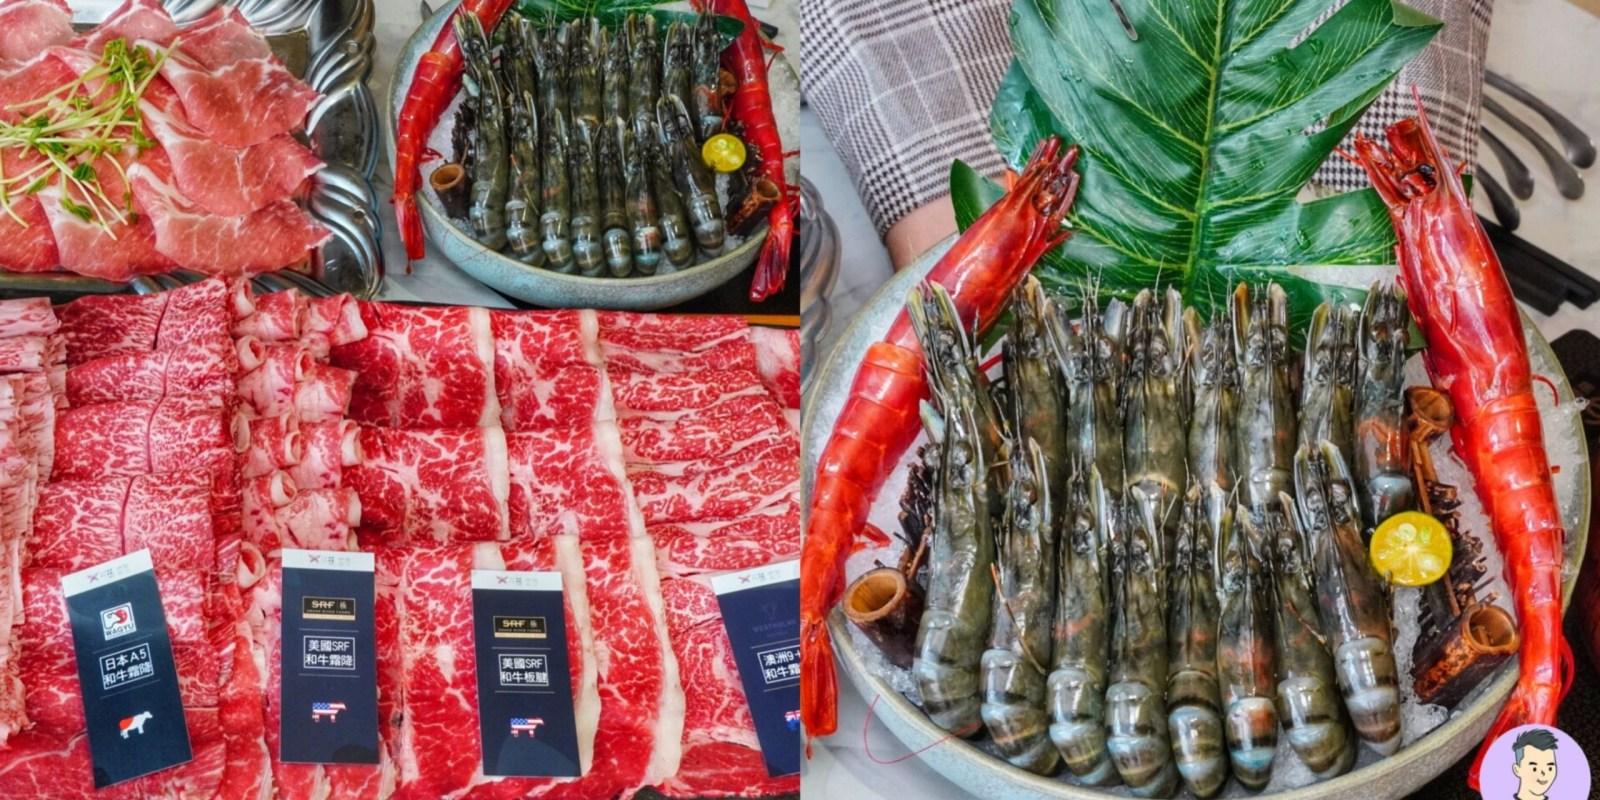 台南最美浮誇的火鍋店「花花世界鍋物」30盎司和牛大拼盤吃超爽!! 28隻龍蝦+48oz牛肉超狂套餐等你來挑戰